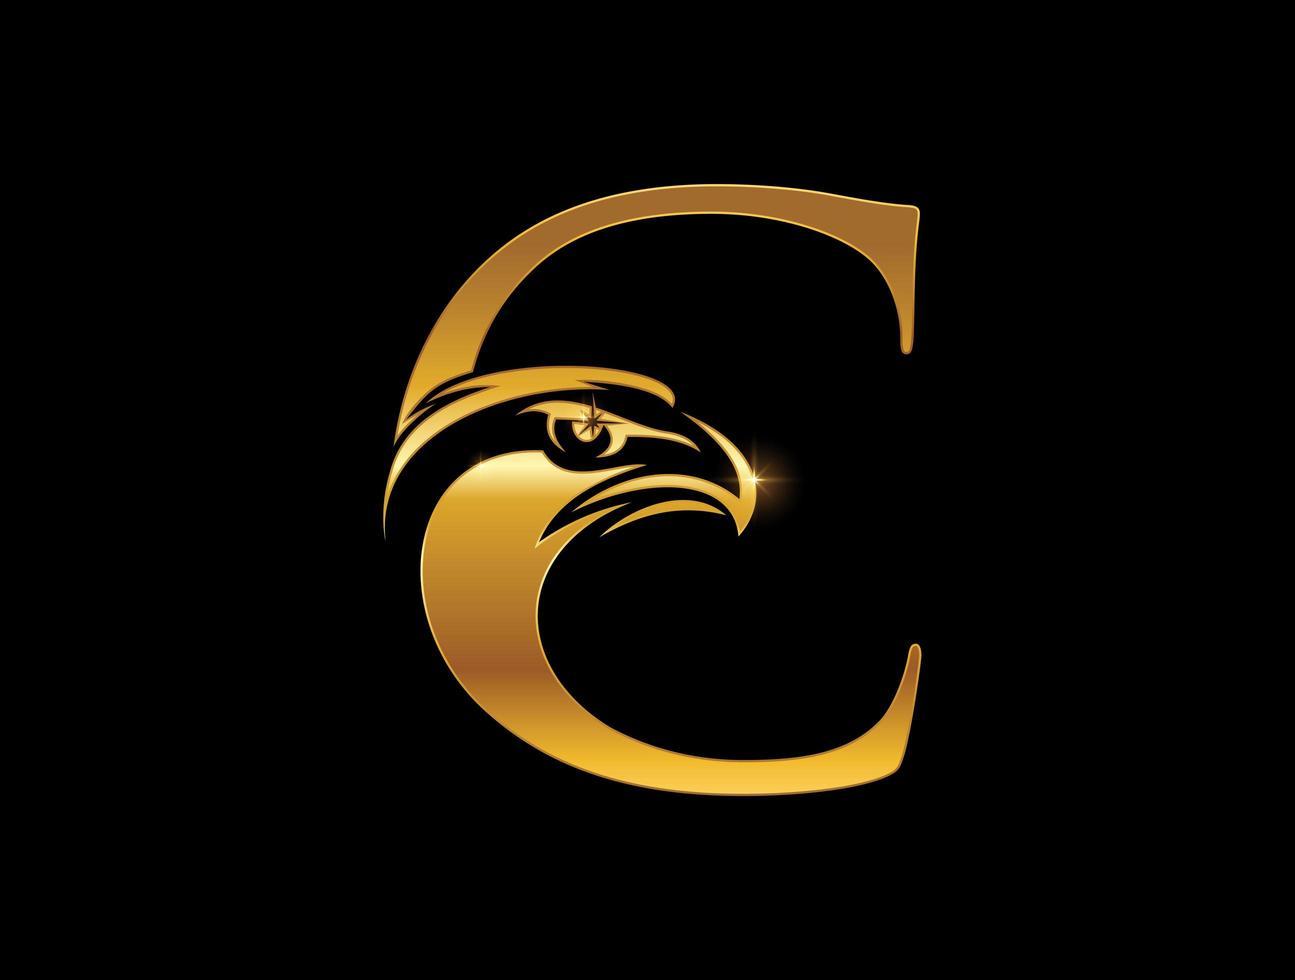 águila real, letra c, emblema vector